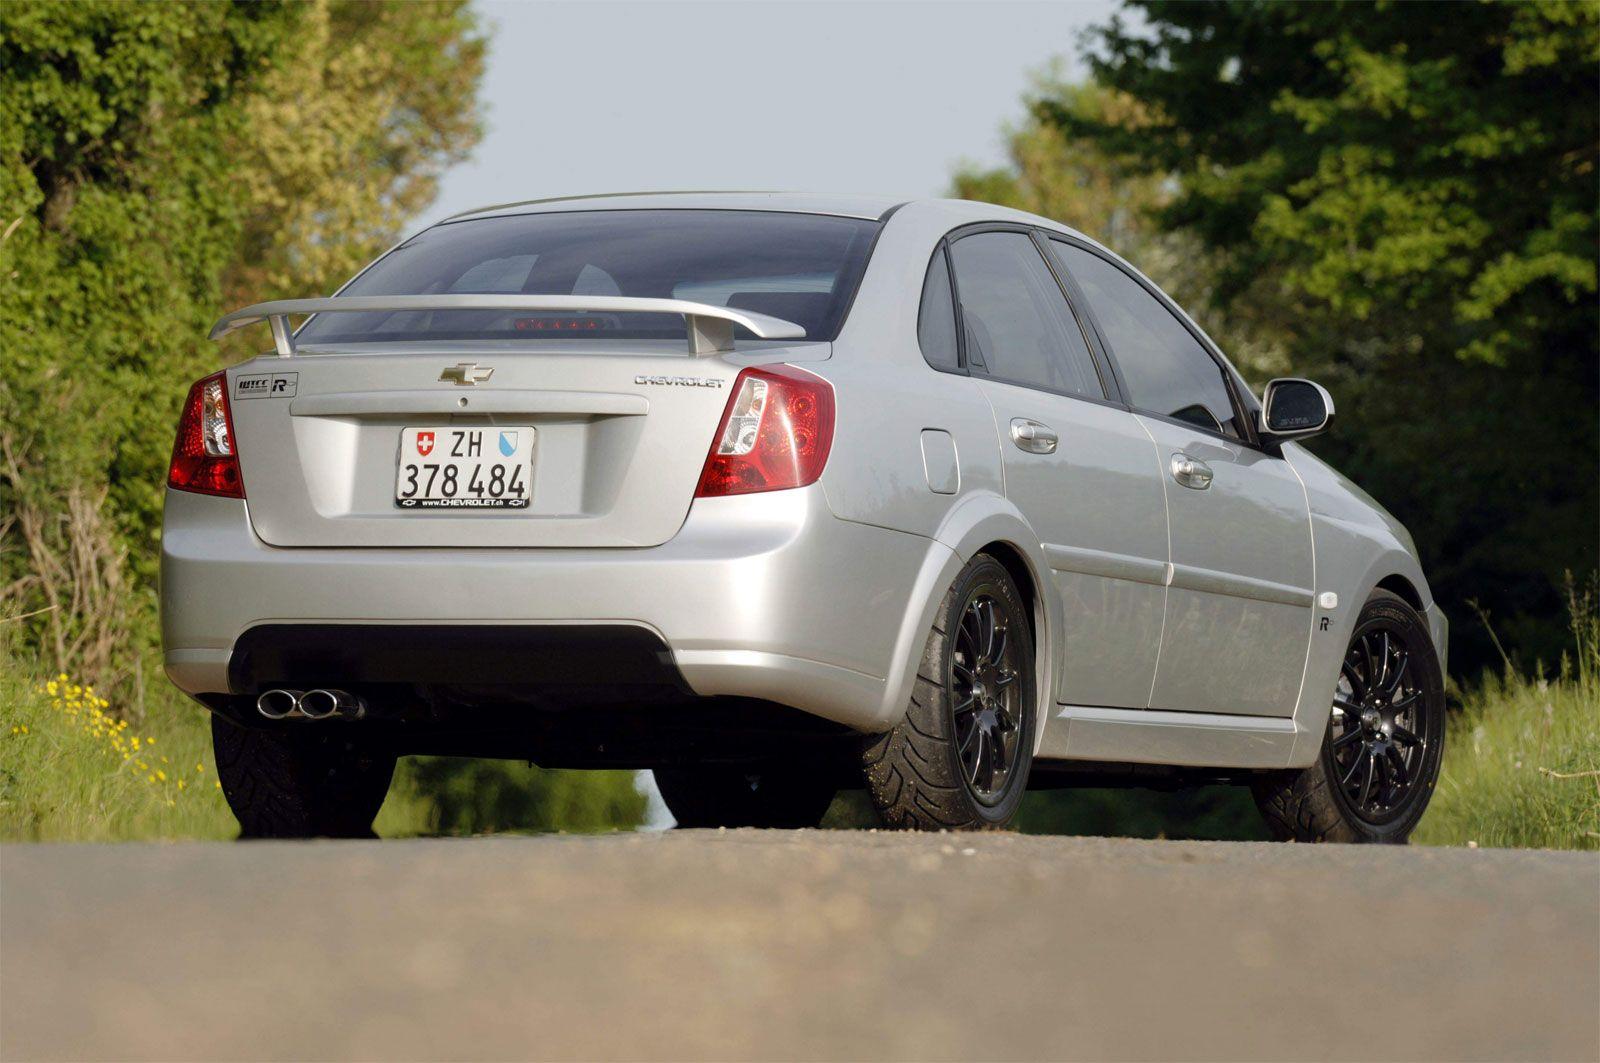 2005 Chevrolet Lacetti Wtcc R Concept